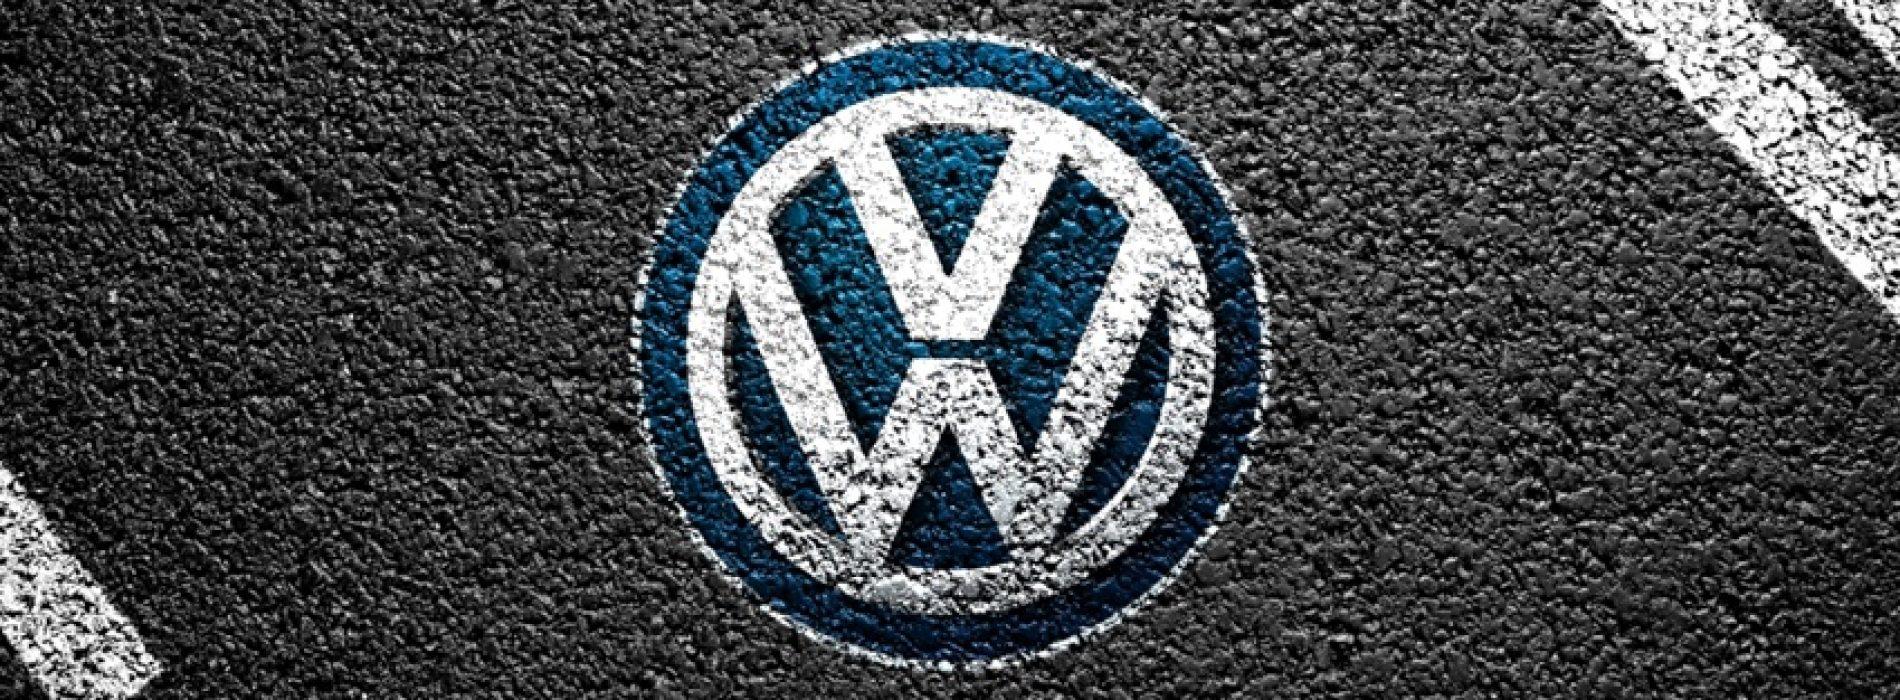 Volkswagen 2.0 TDI için Onay Almayı Başardı